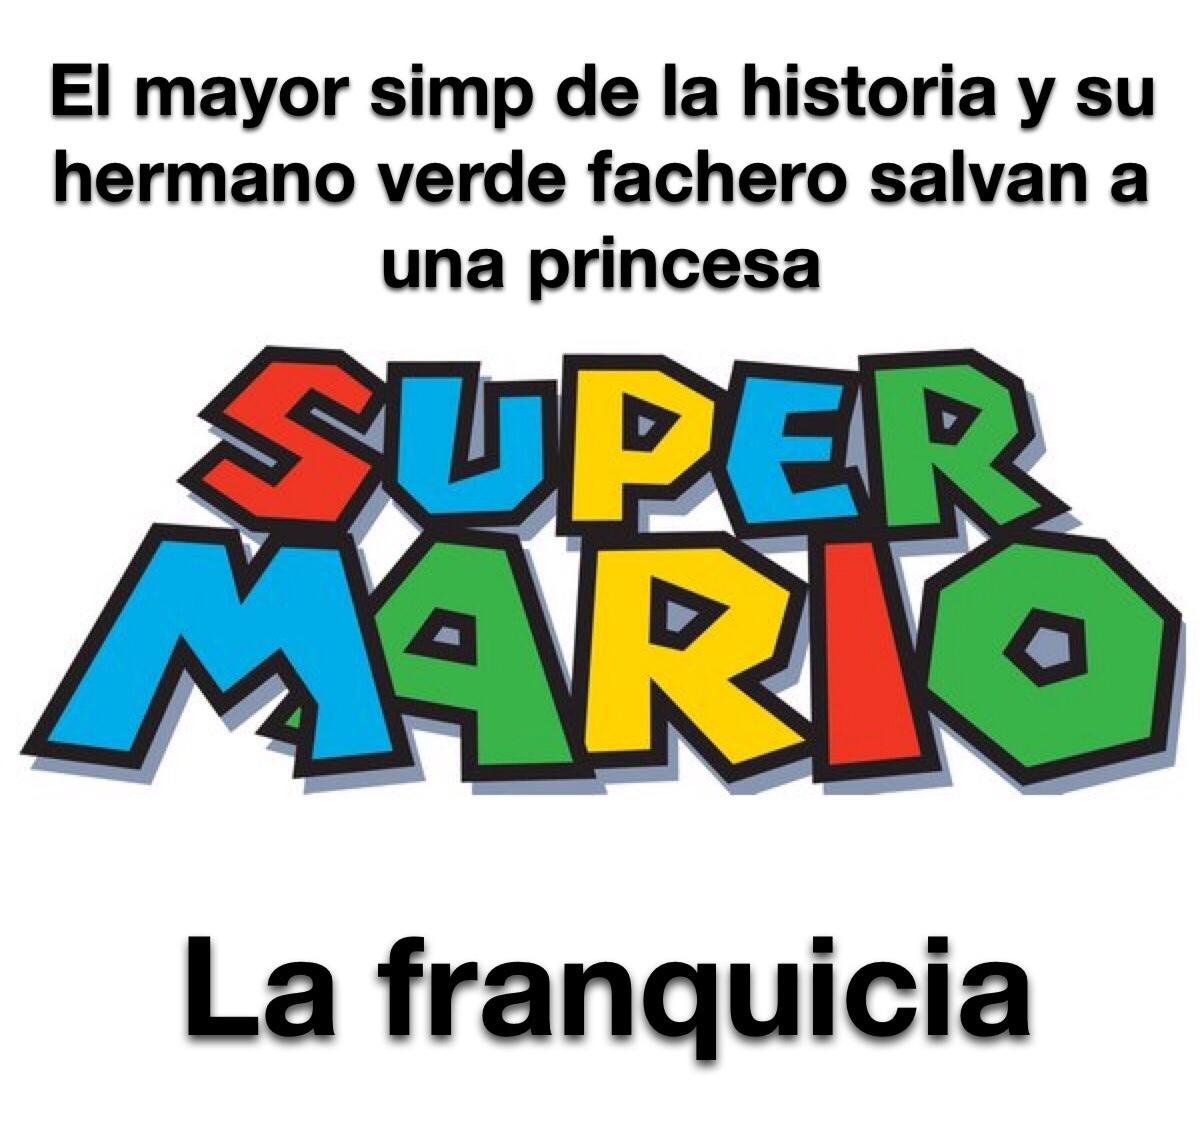 tremendo simp el Mario - meme